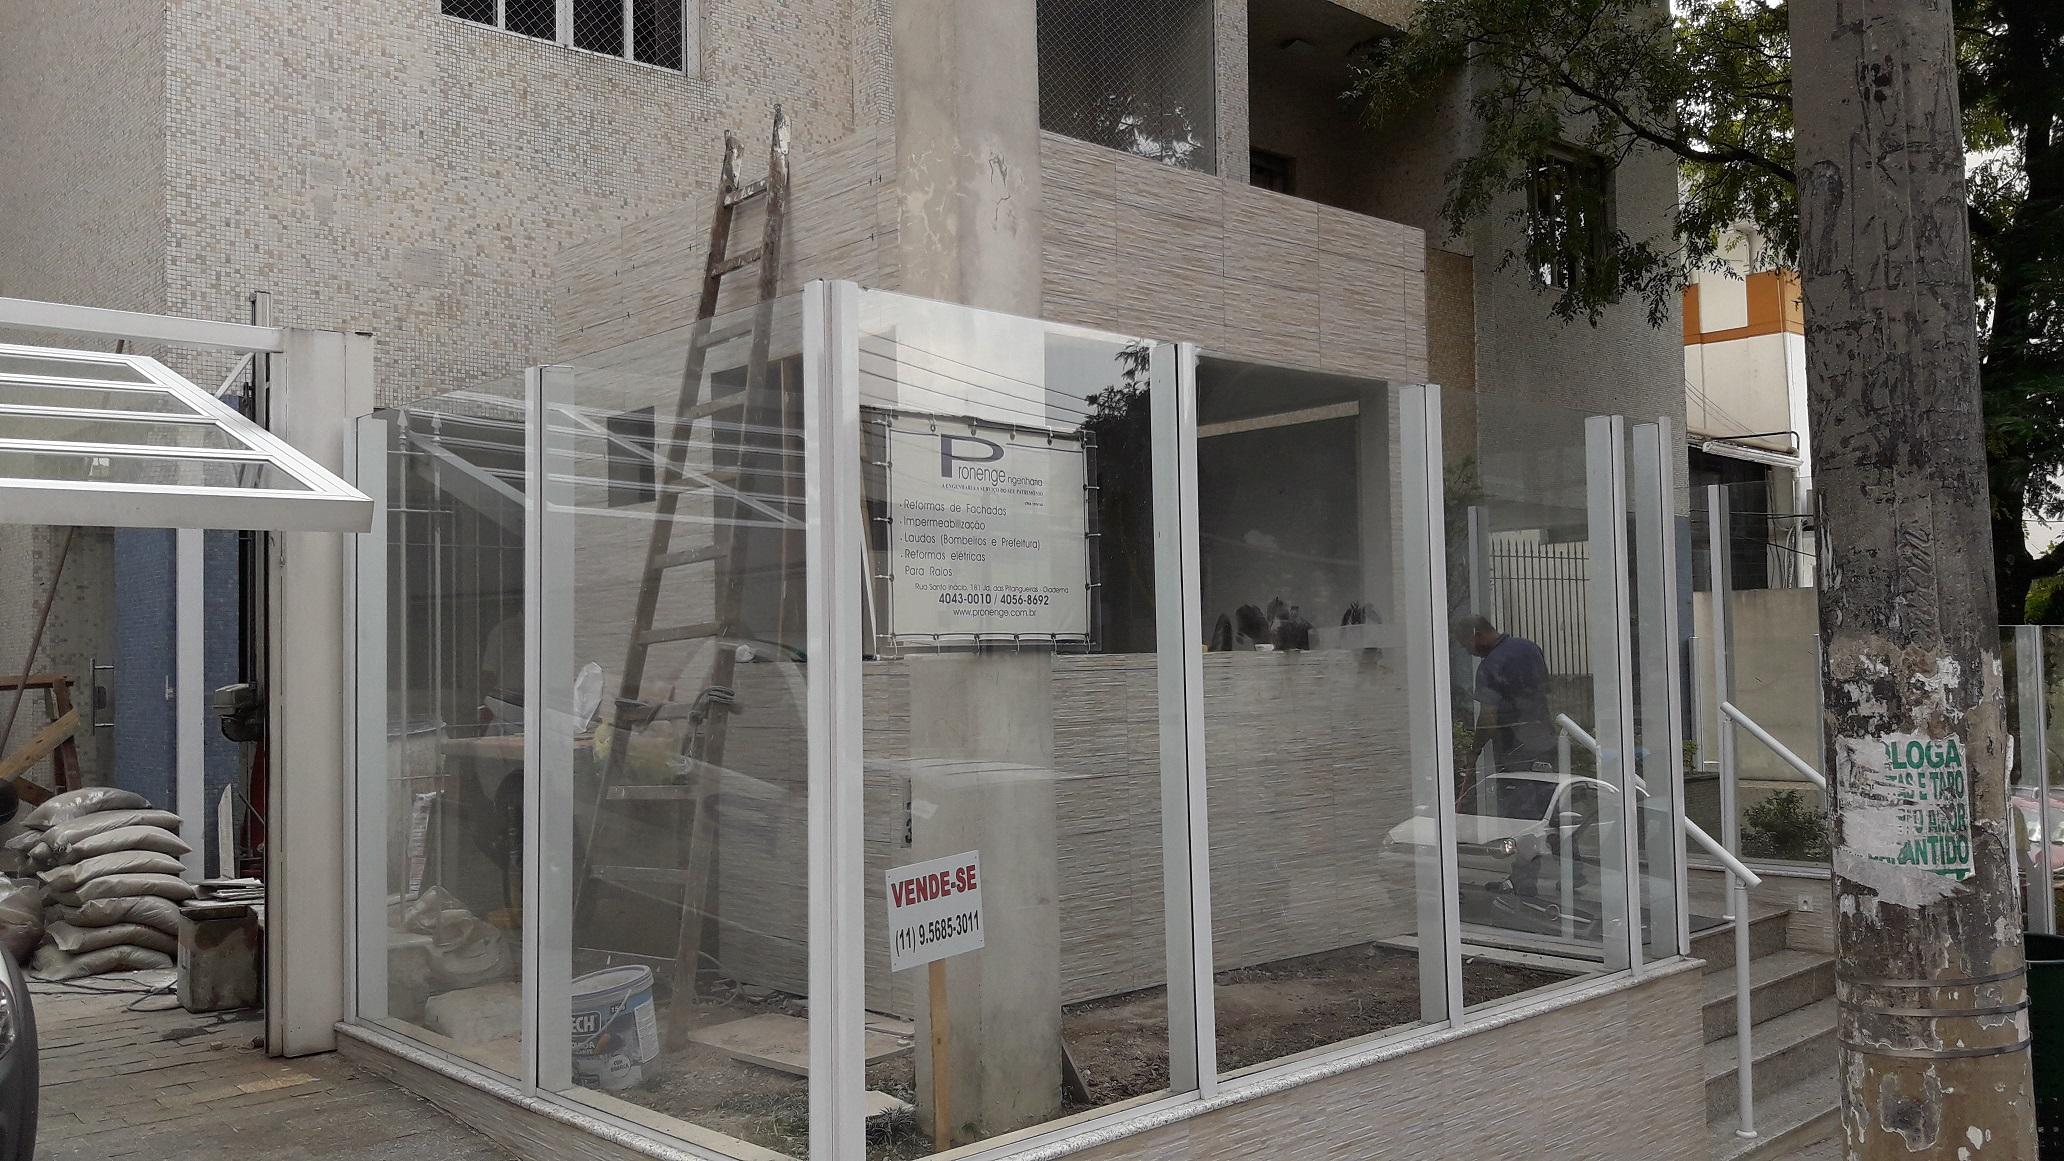 Substituição de pisos,revestimentos,construção de muros,postes,Guaritas entre outros serviços.